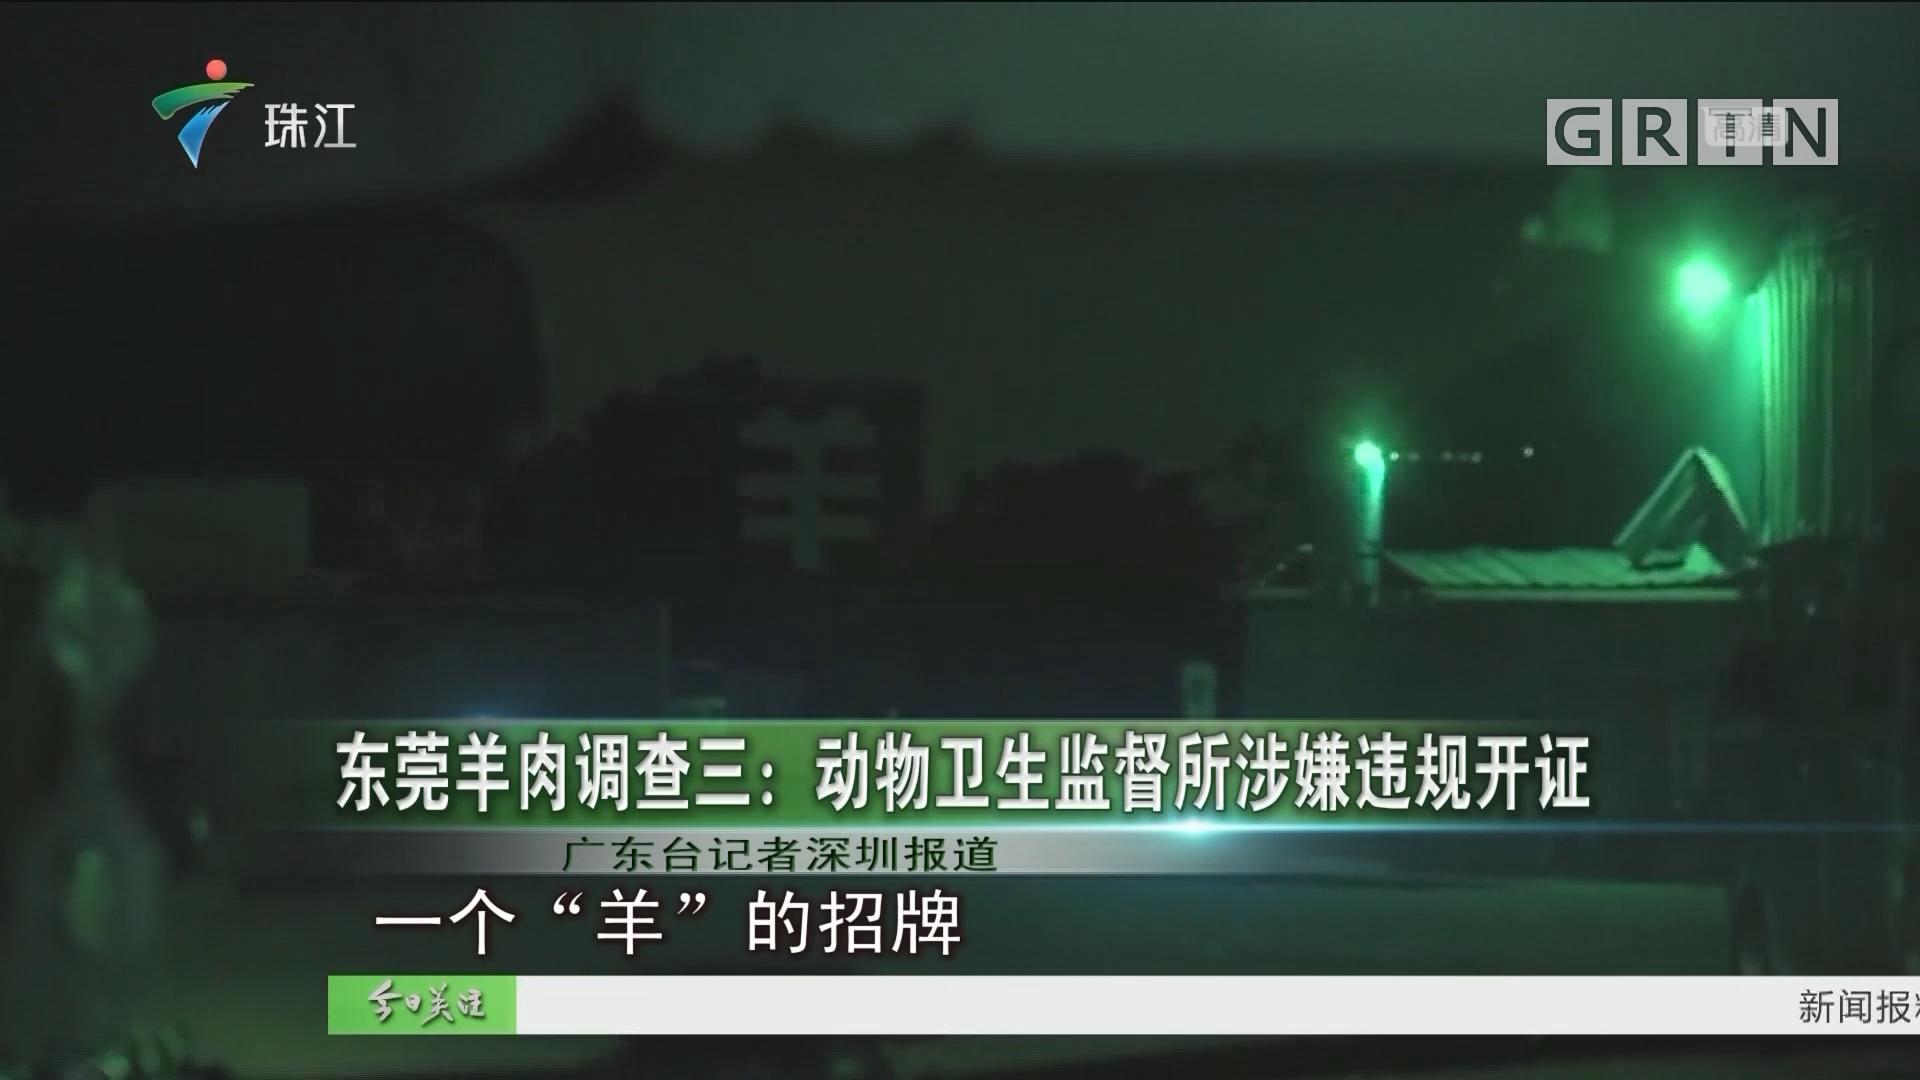 东莞羊肉调查三:动物卫生监督所涉嫌违规开证